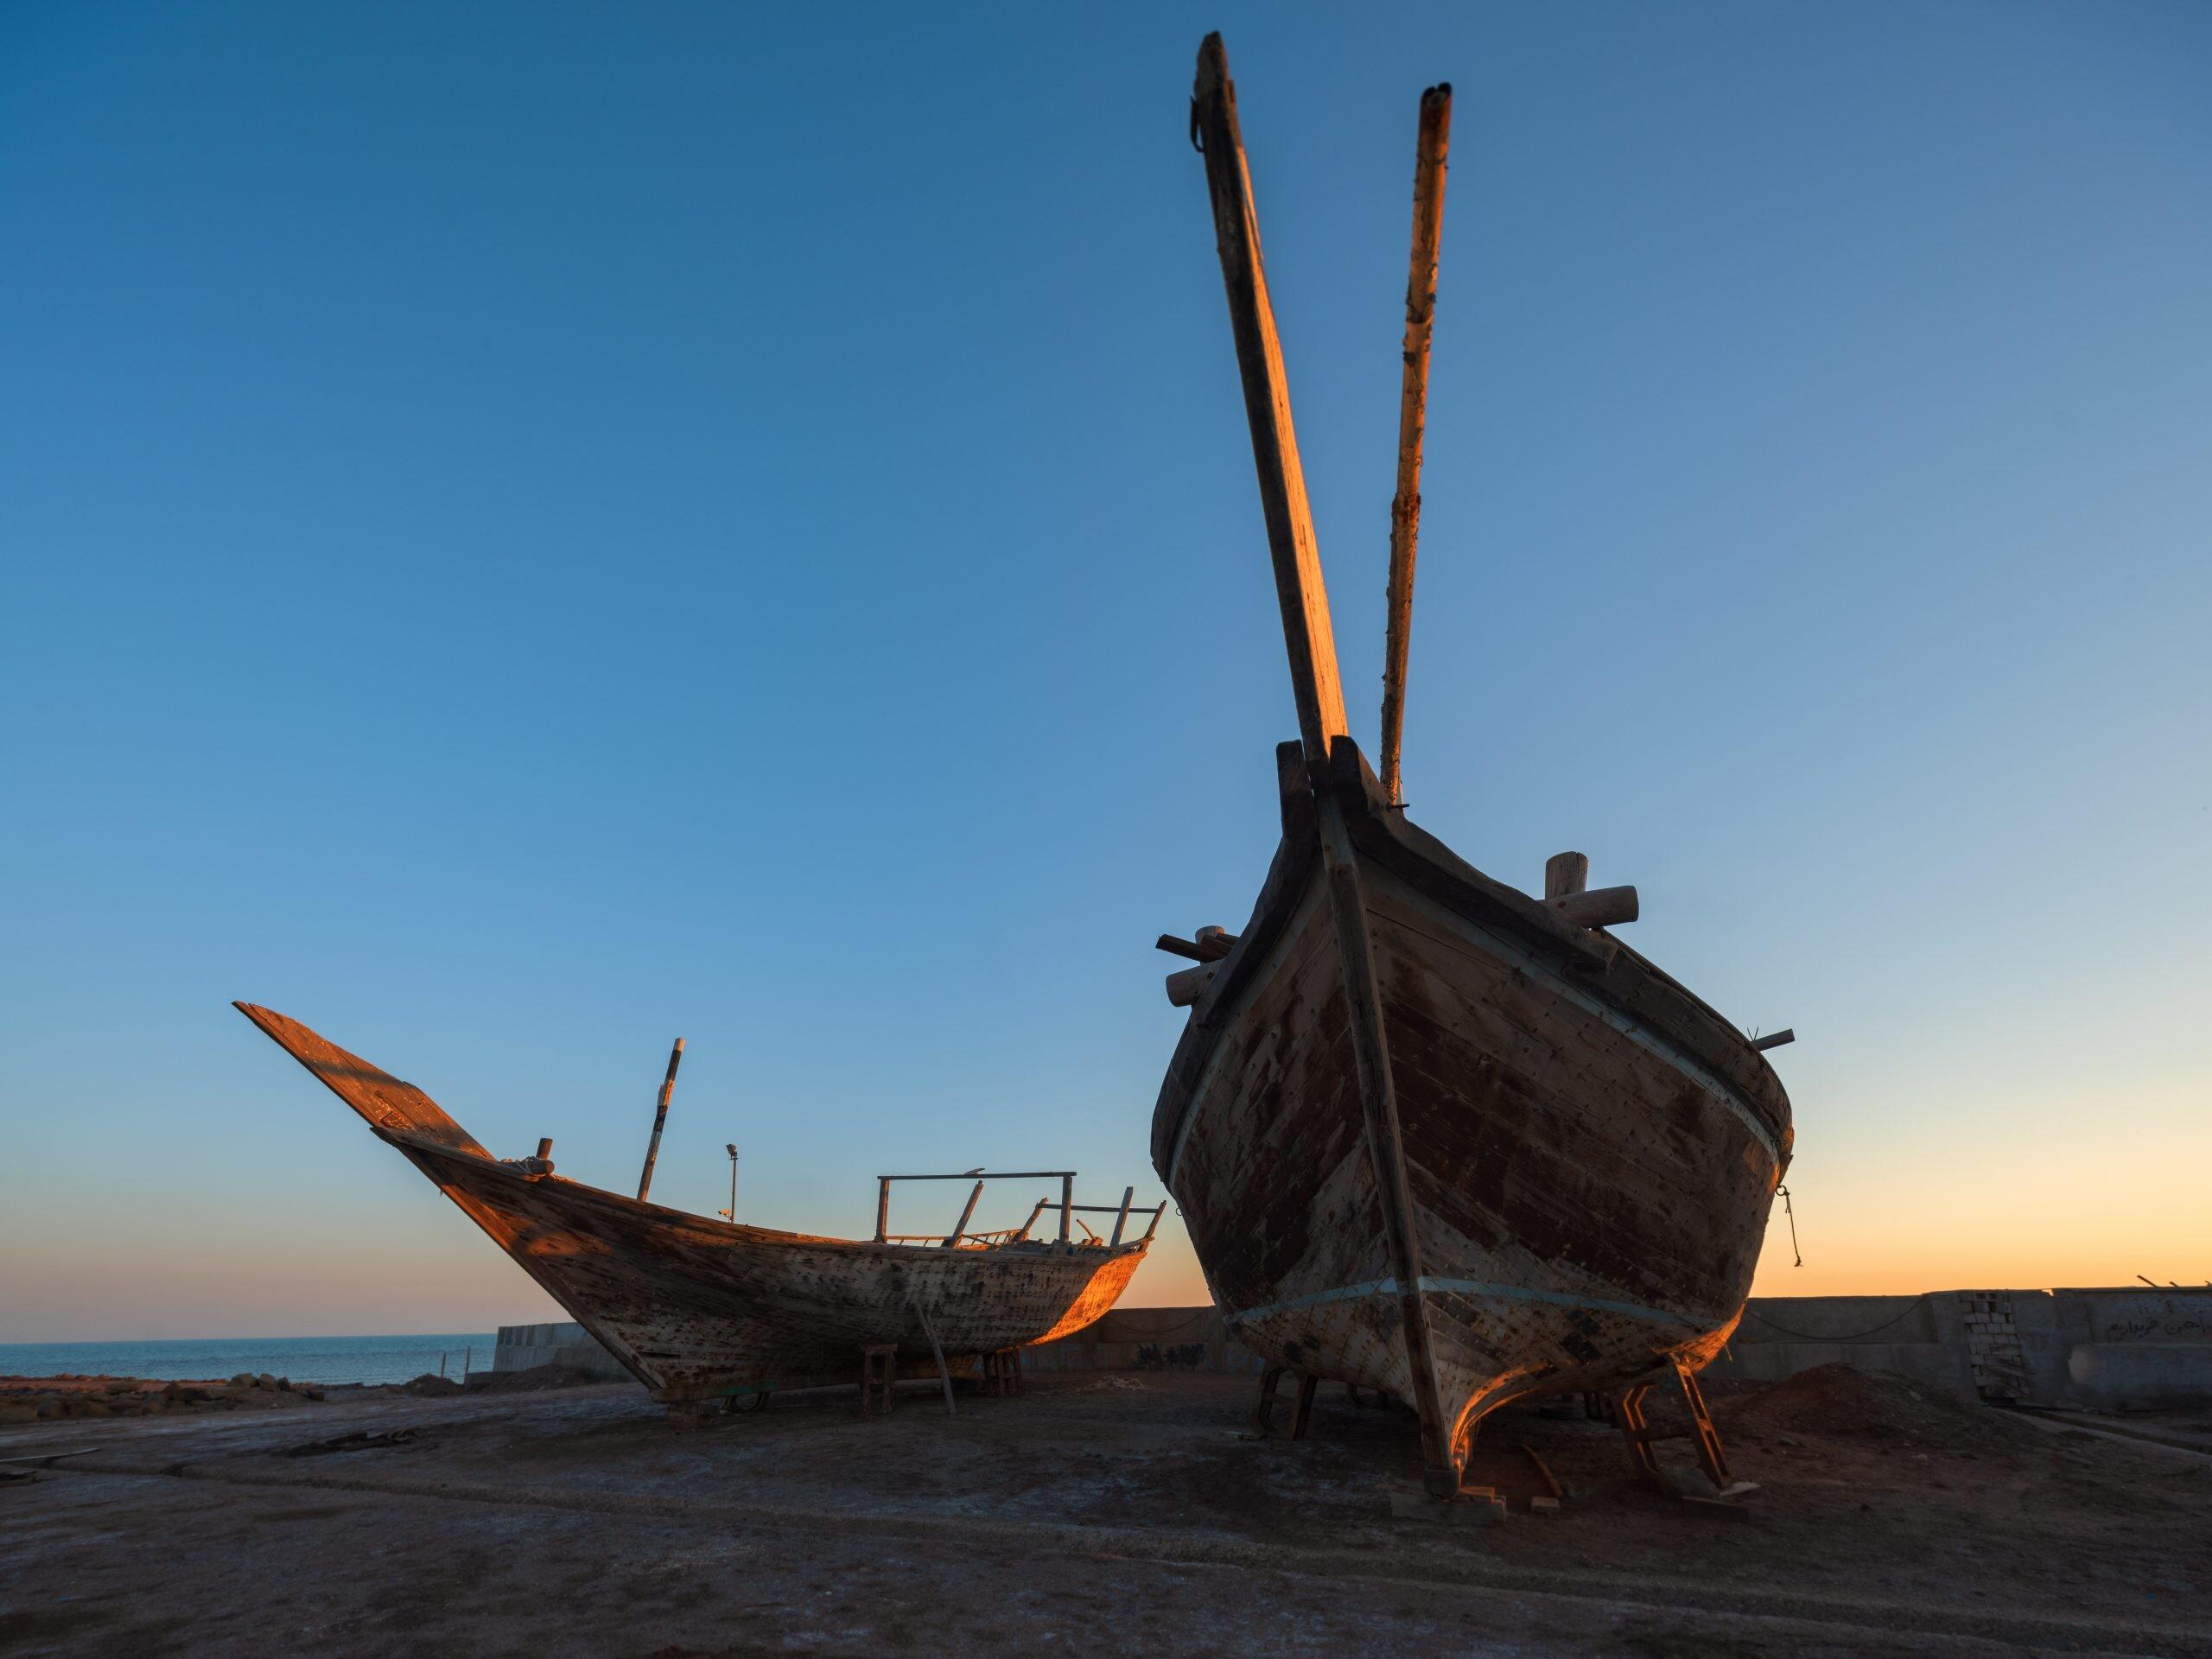 لنج و لنجسازی، در تاروپود زندگی جنوبیها